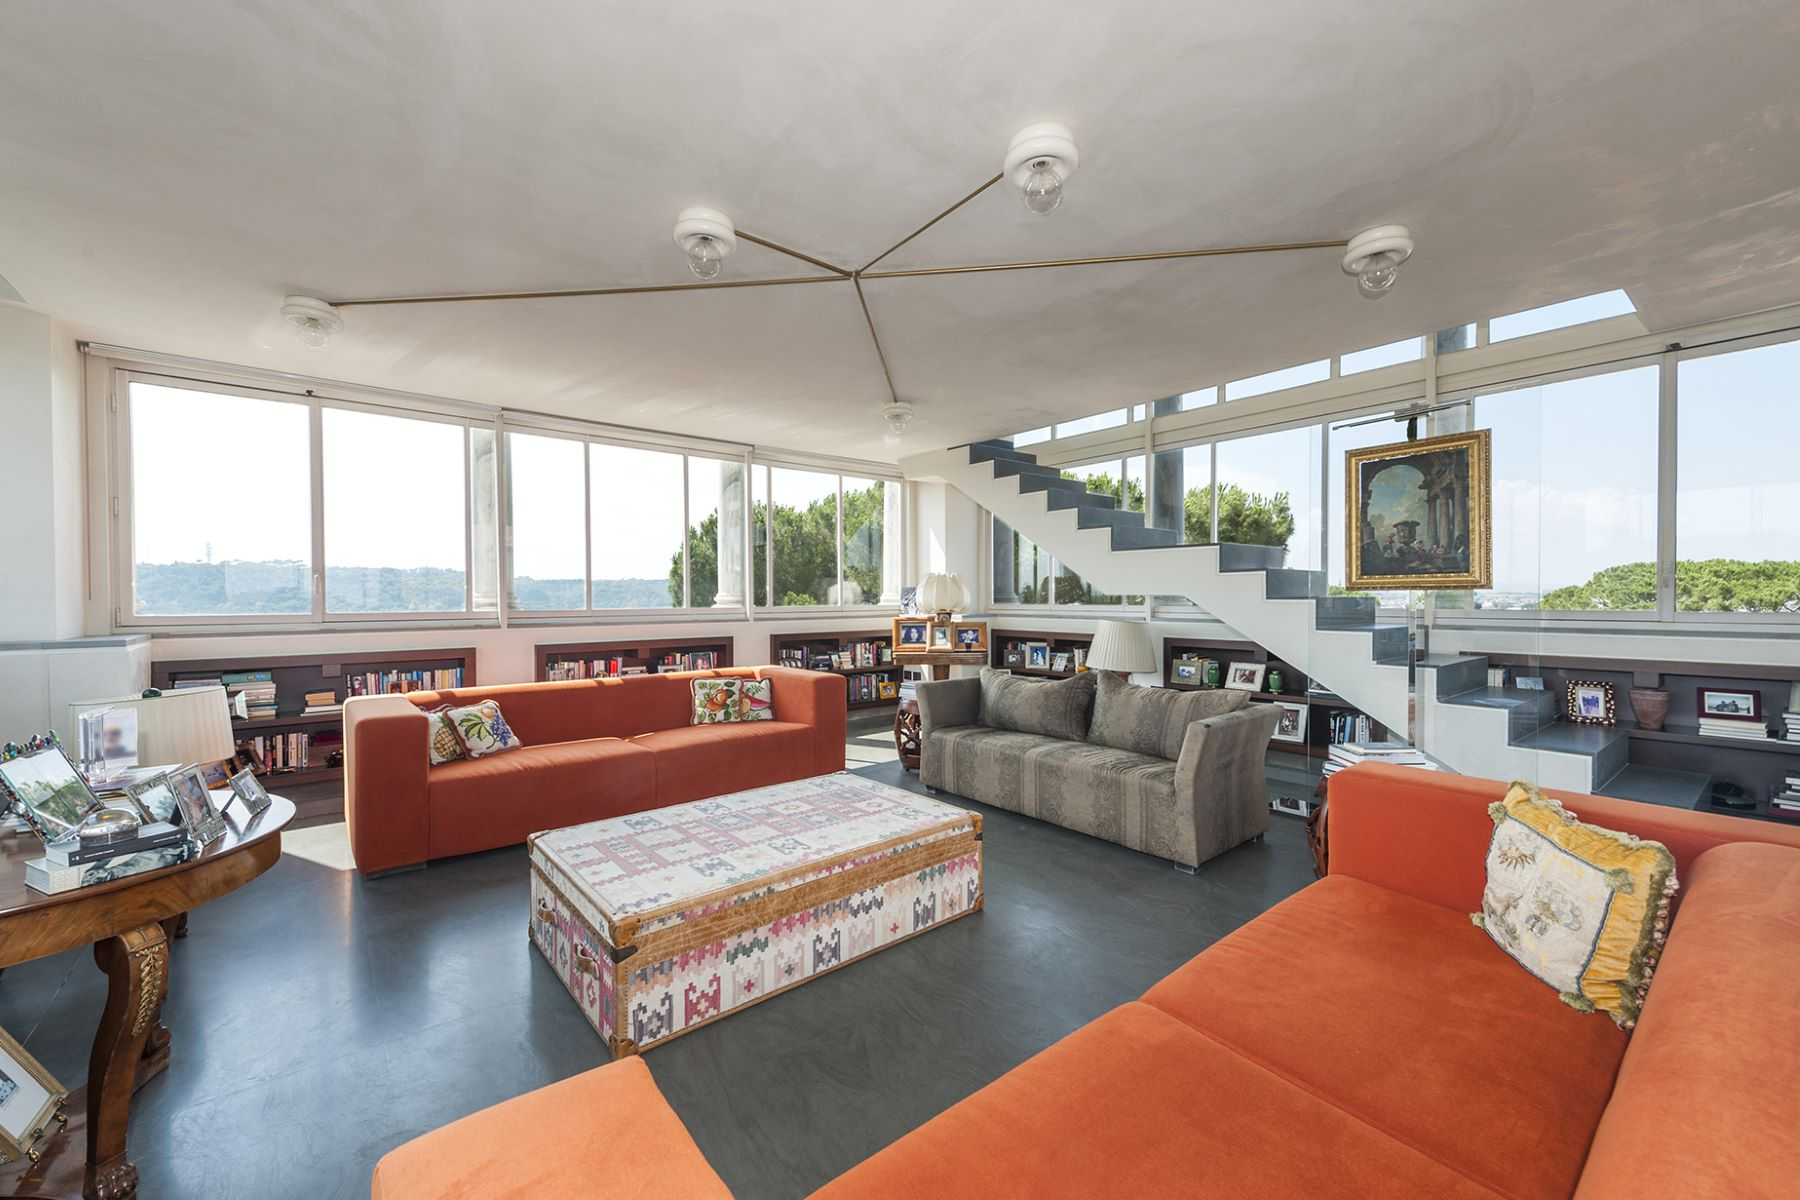 Apartamento por un Venta en Magnífica propiedad con vistas a 360 ° de la Ciudad Eterna Rome, Roma, Italia